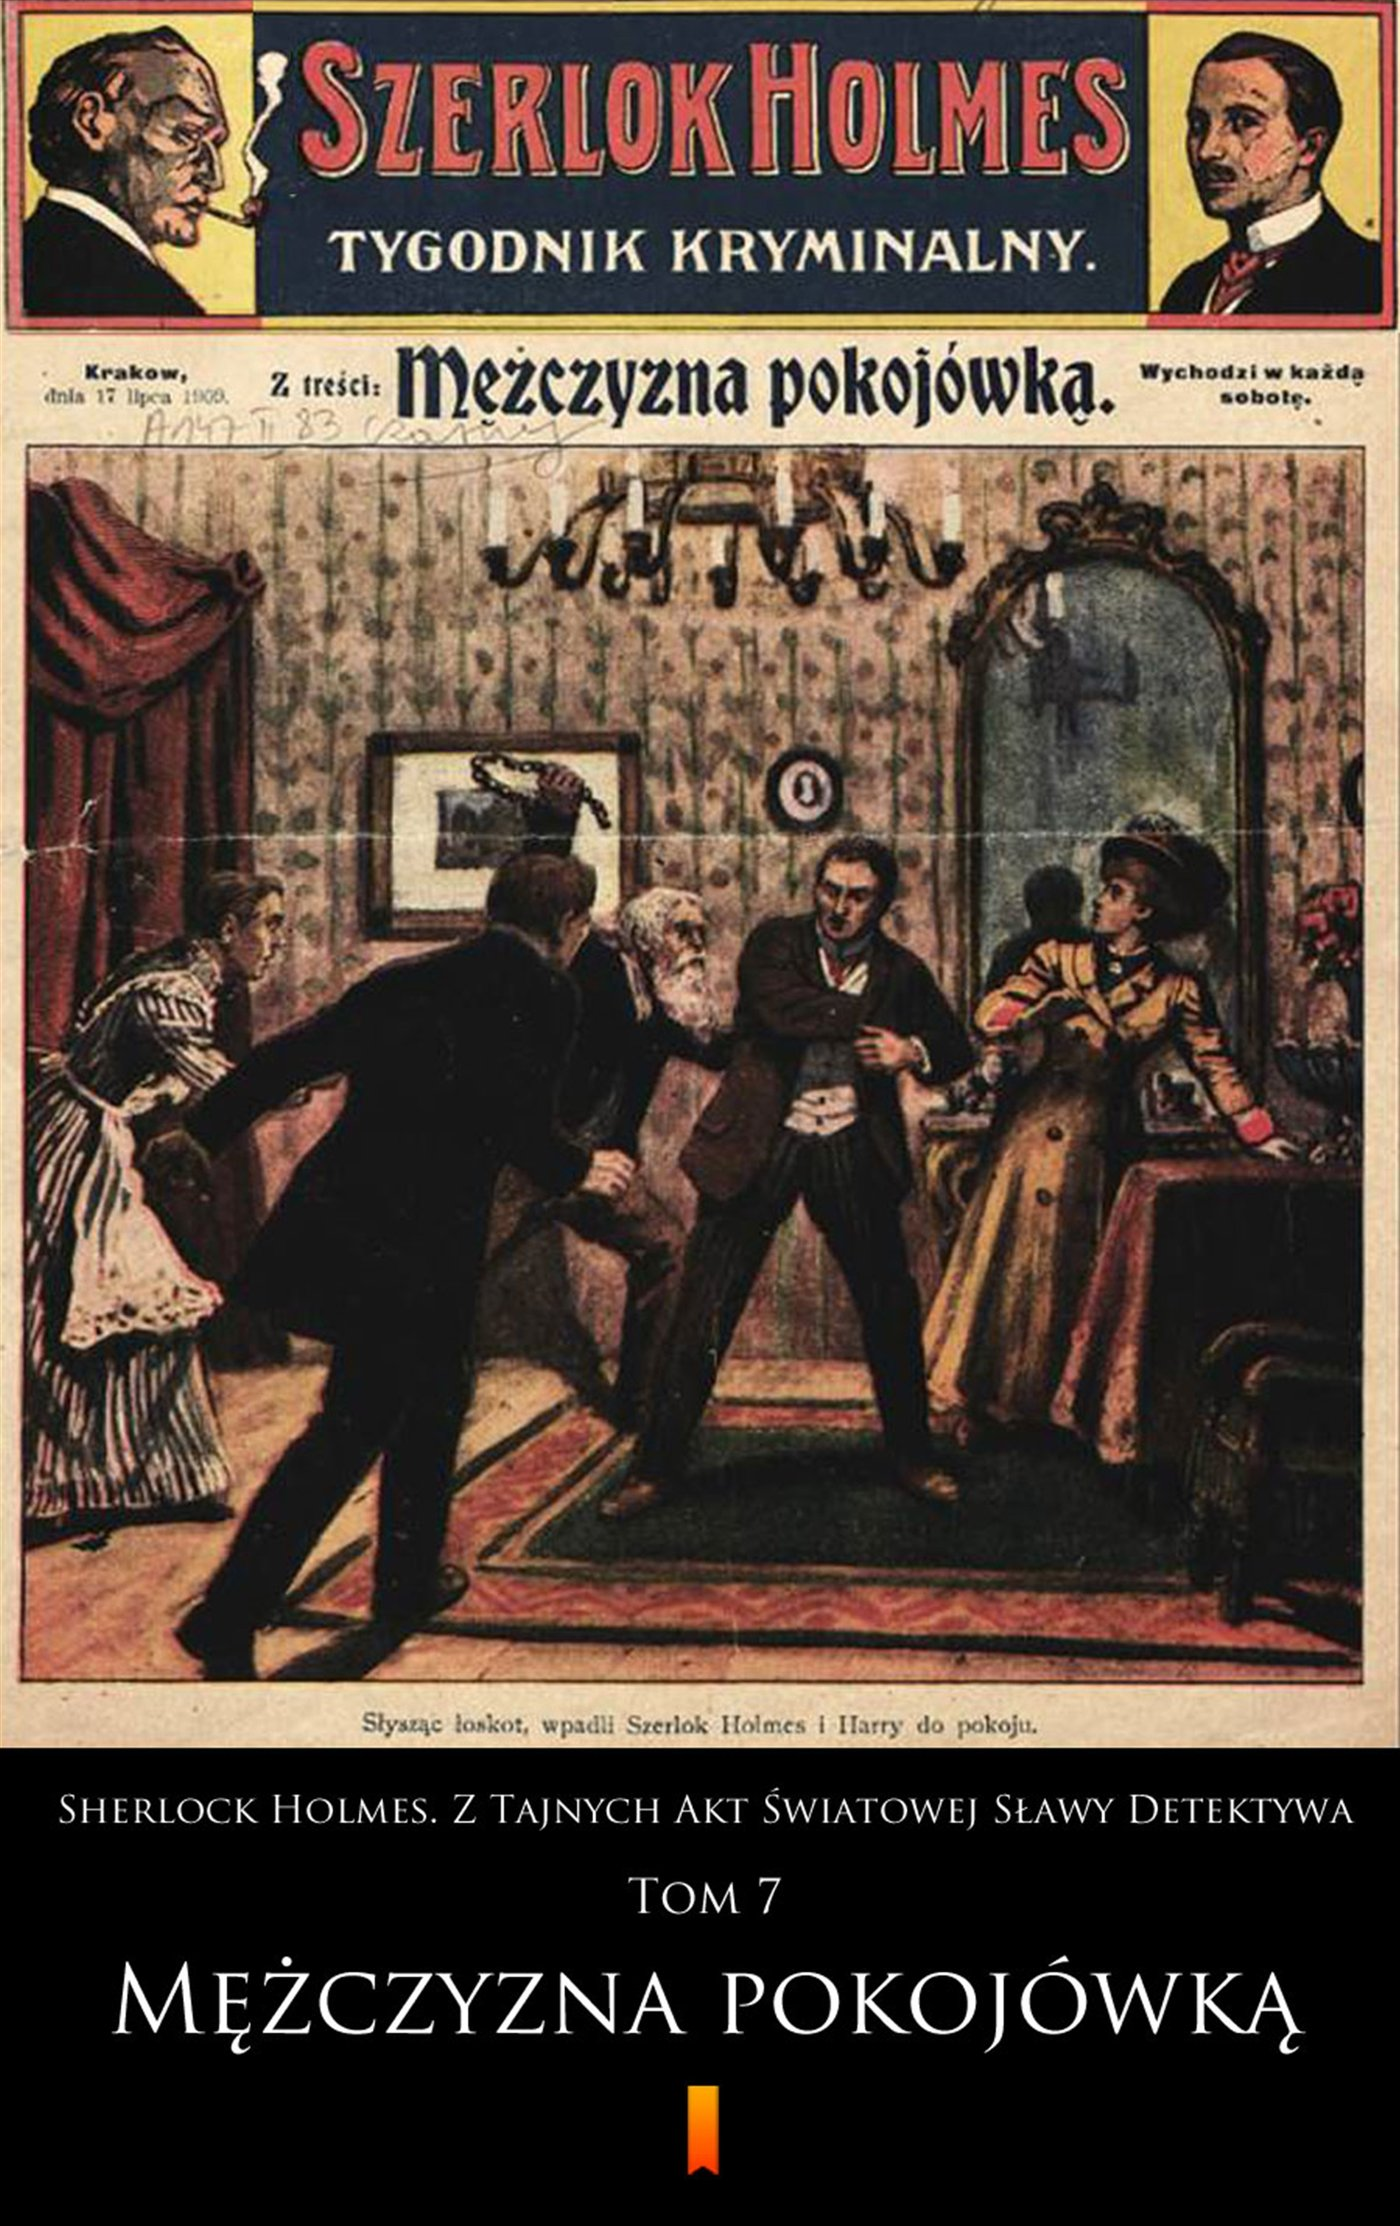 Sherlock Holmes. Z Tajnych Akt Światowej Sławy Detektywa. Tom 7 - Ebook (Książka na Kindle) do pobrania w formacie MOBI